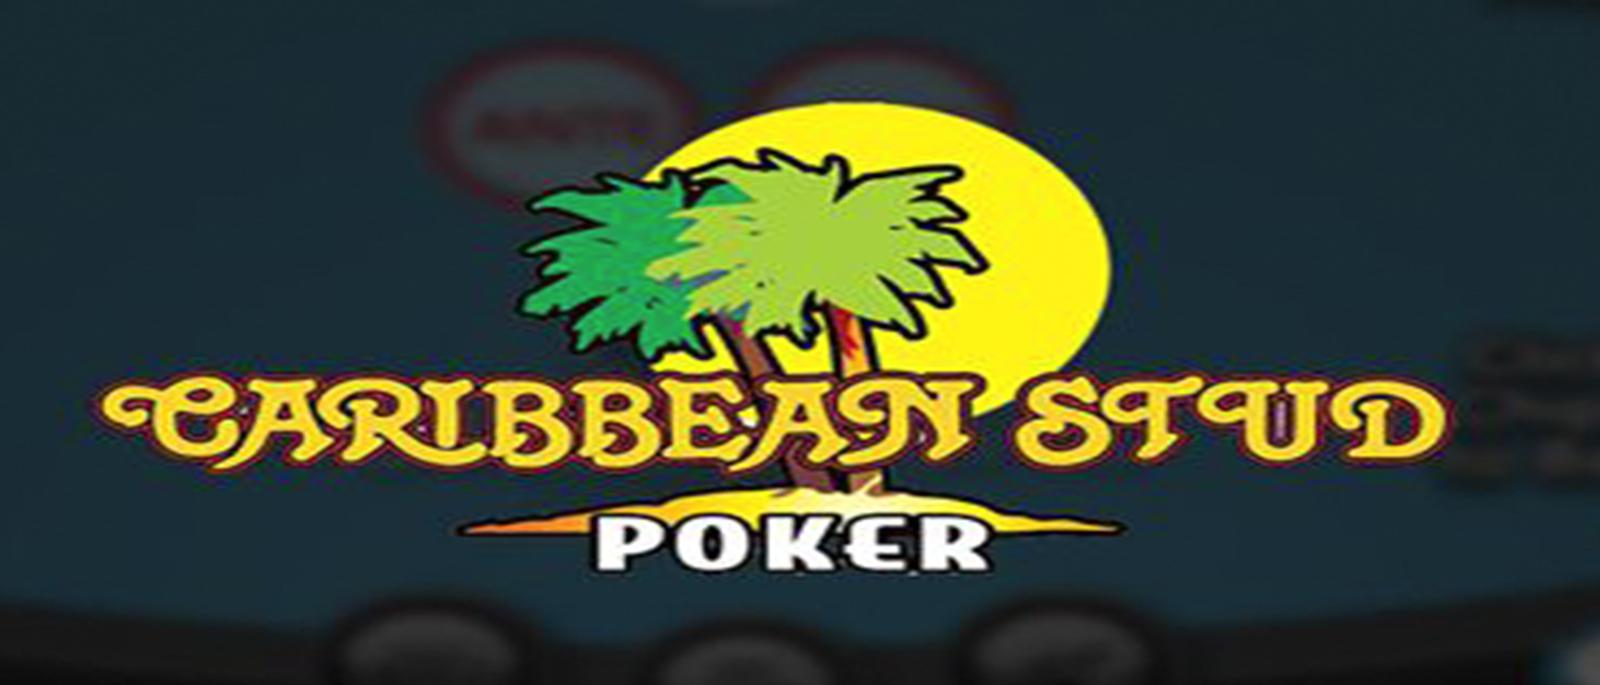 casino deutschland online caribbean stud